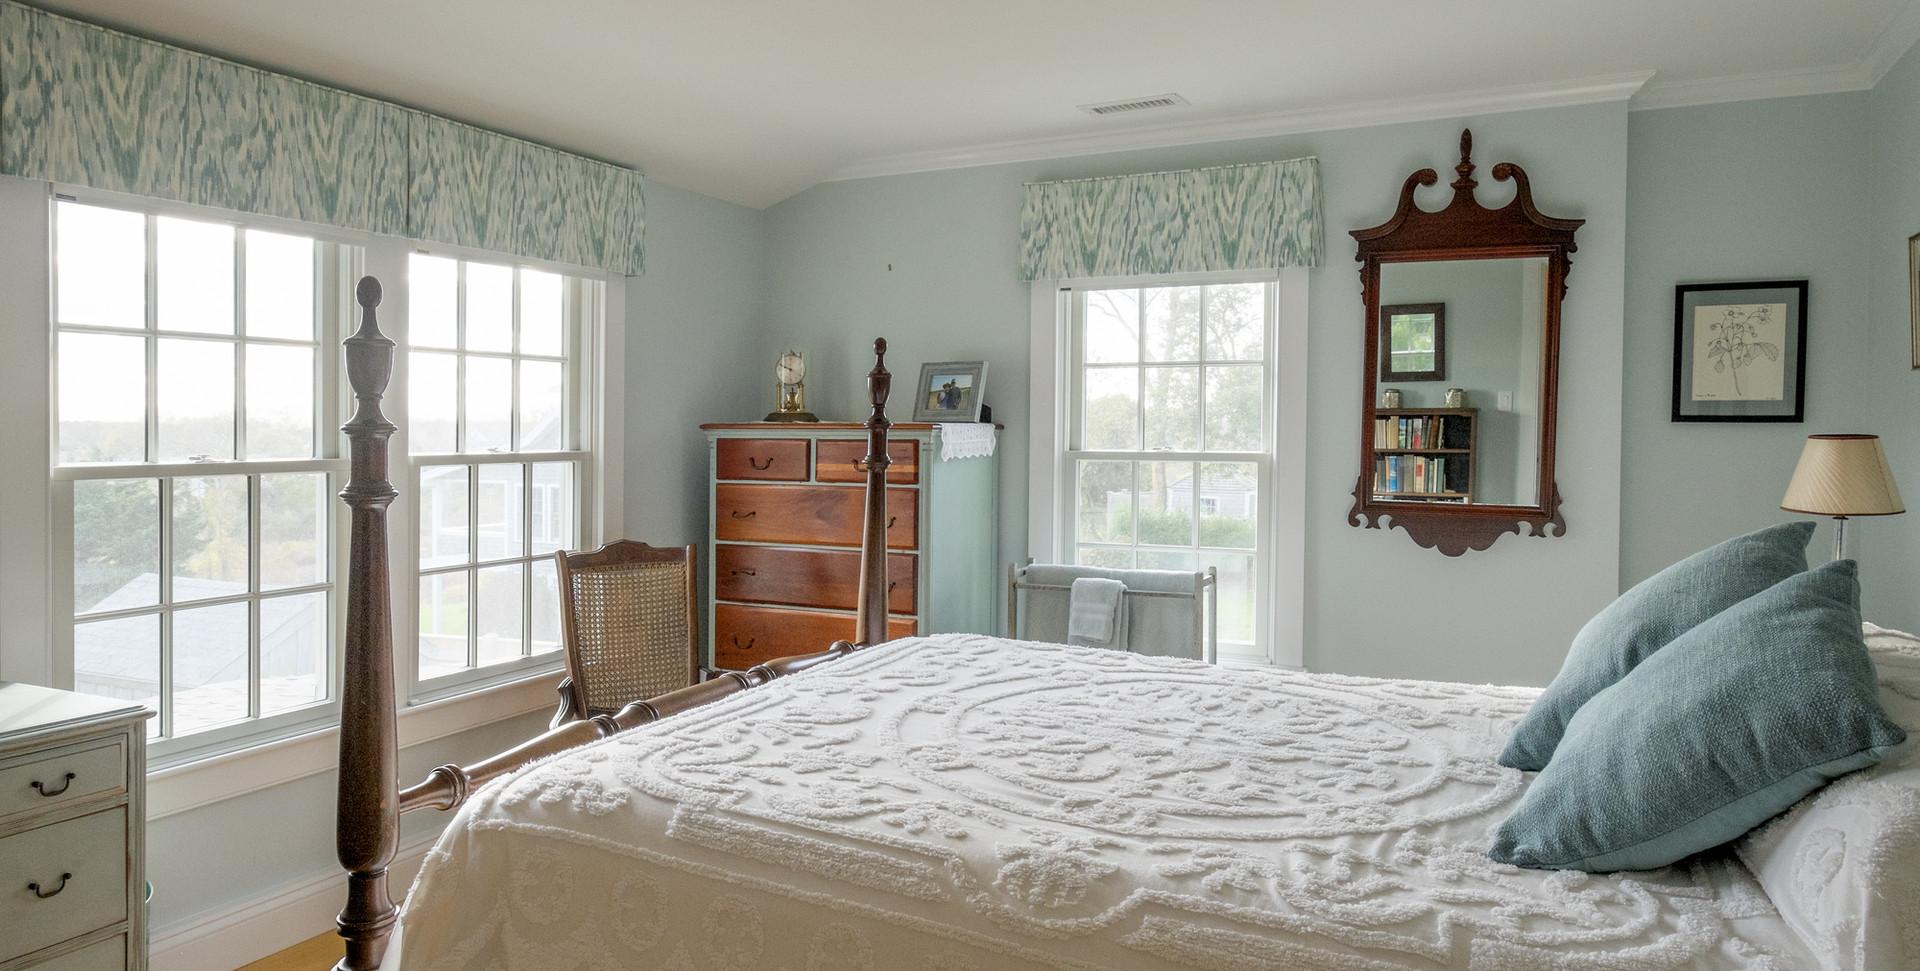 Old Village, Chatham,MA Historic Preservation Remodel, Chatham bedroom remodel